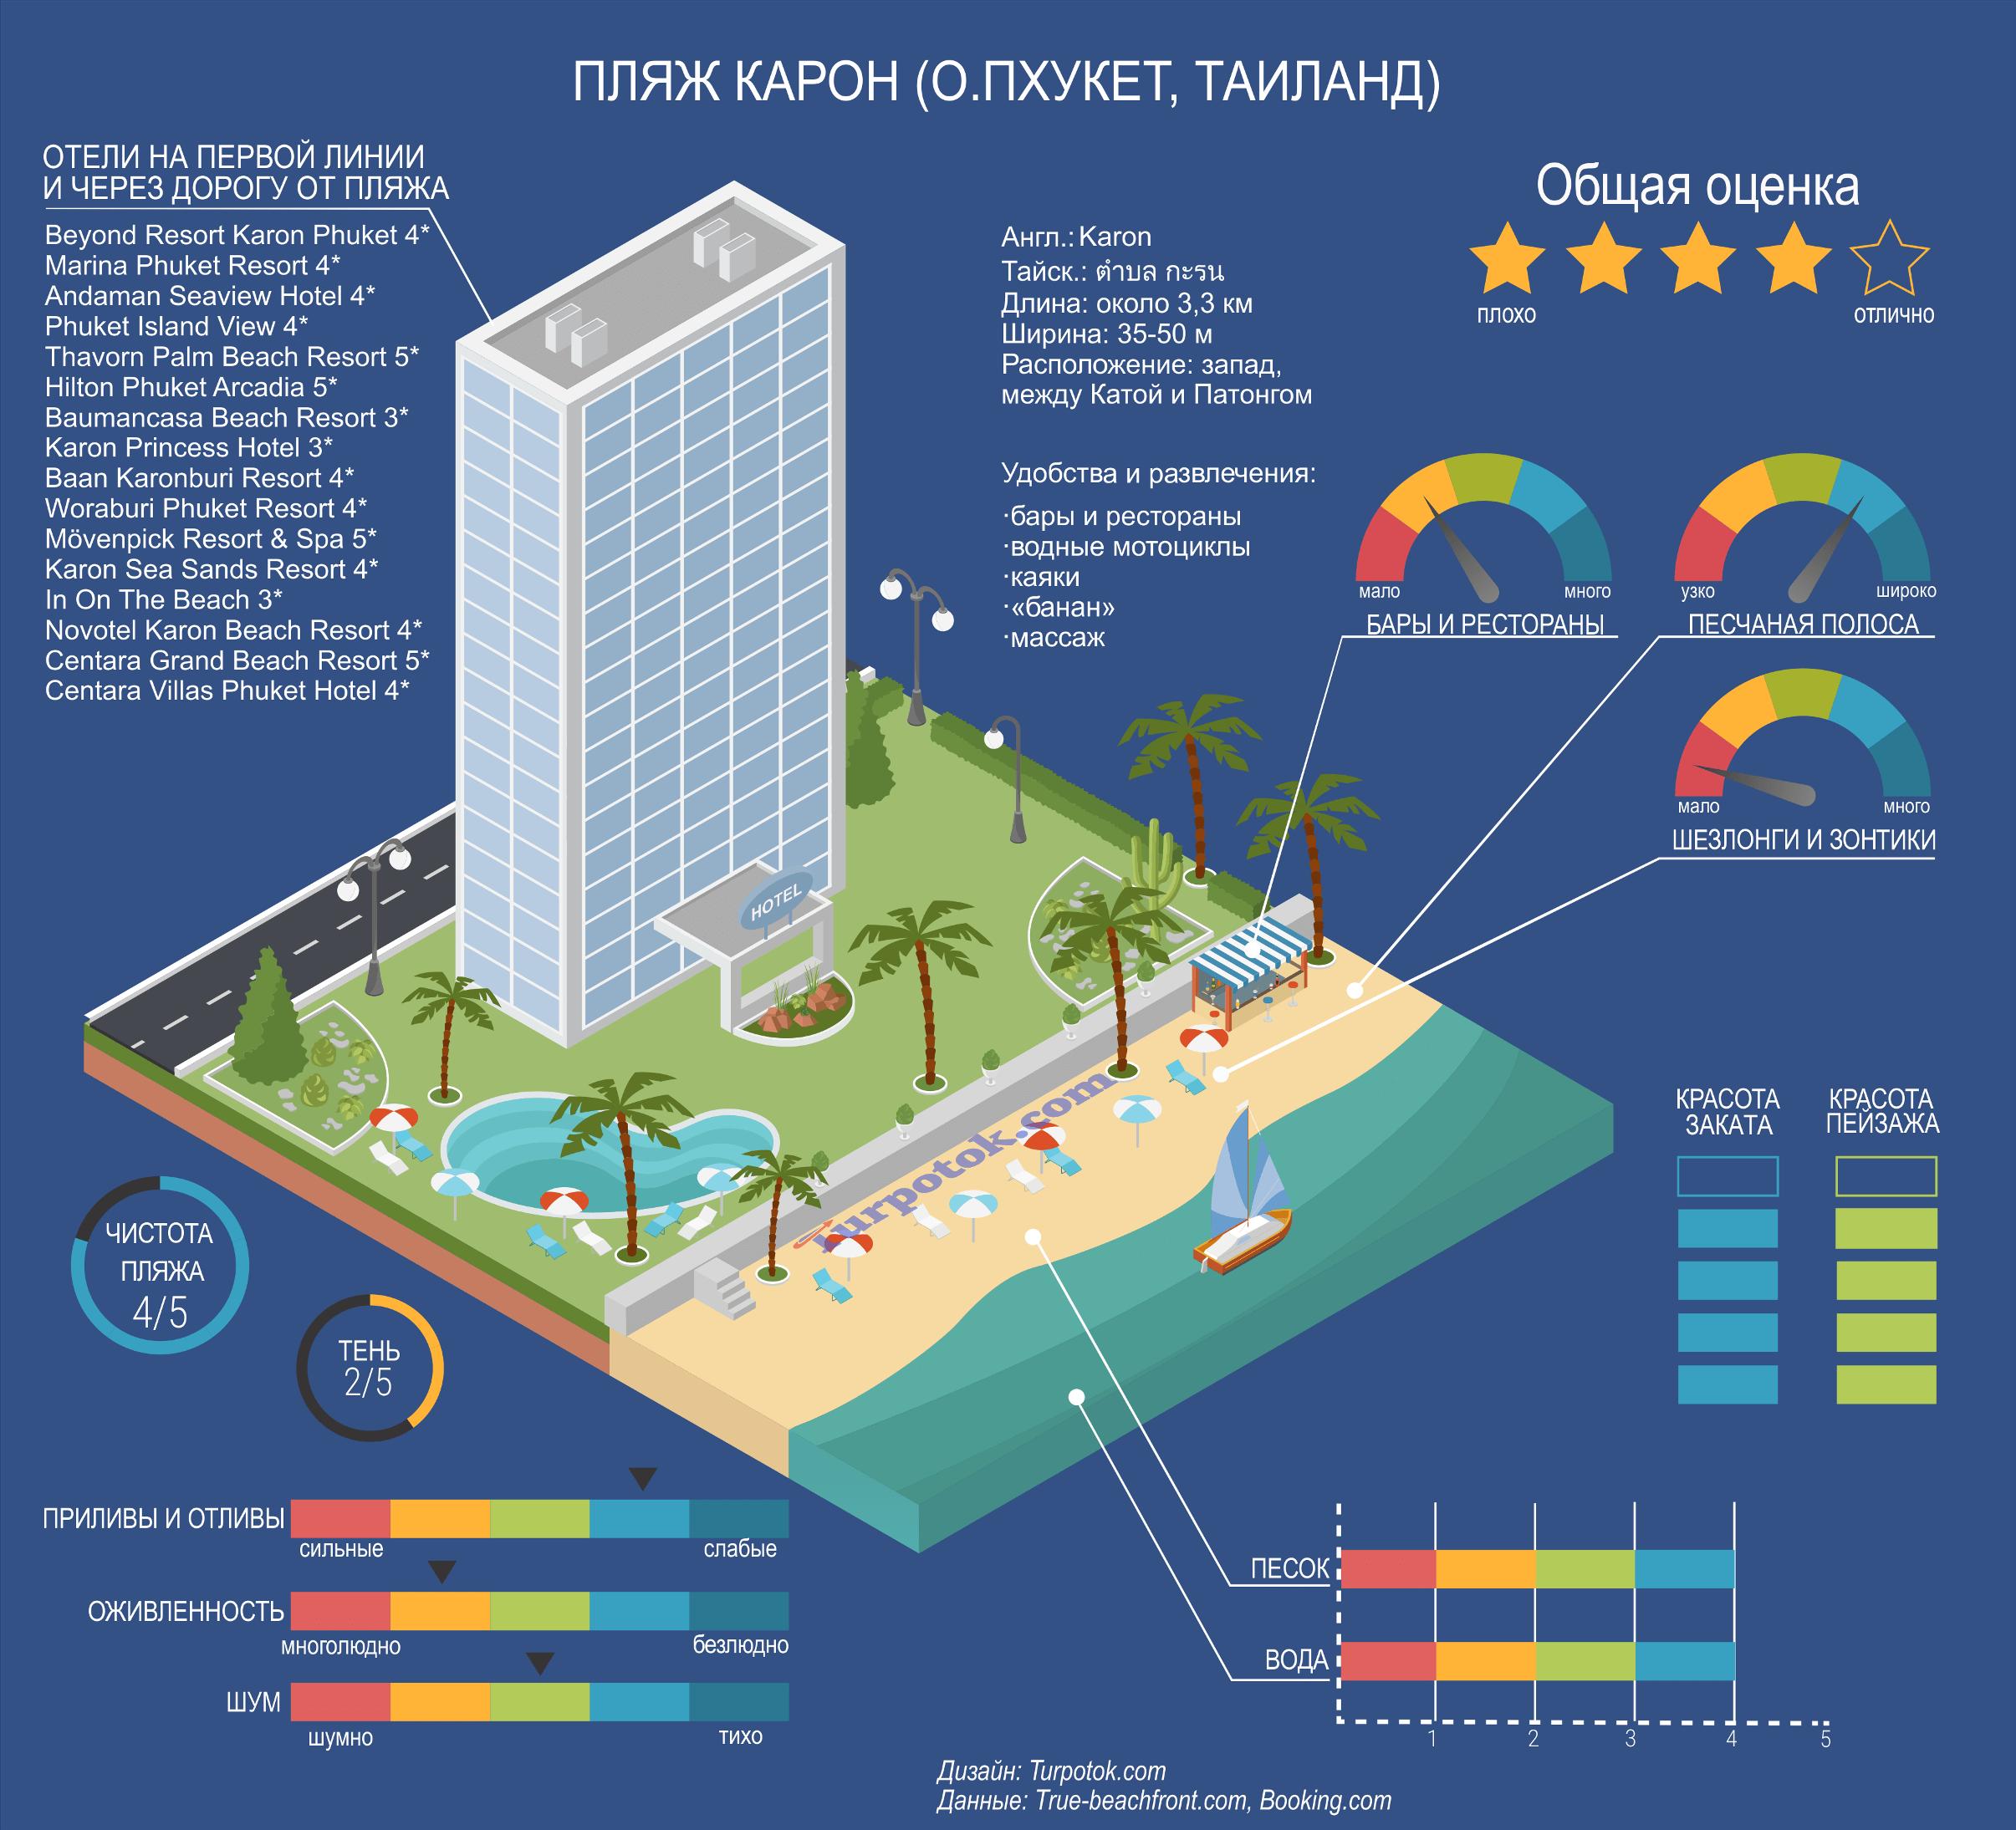 Изображение с инфографикой, описывающей пляж Карон на острое Пхукет